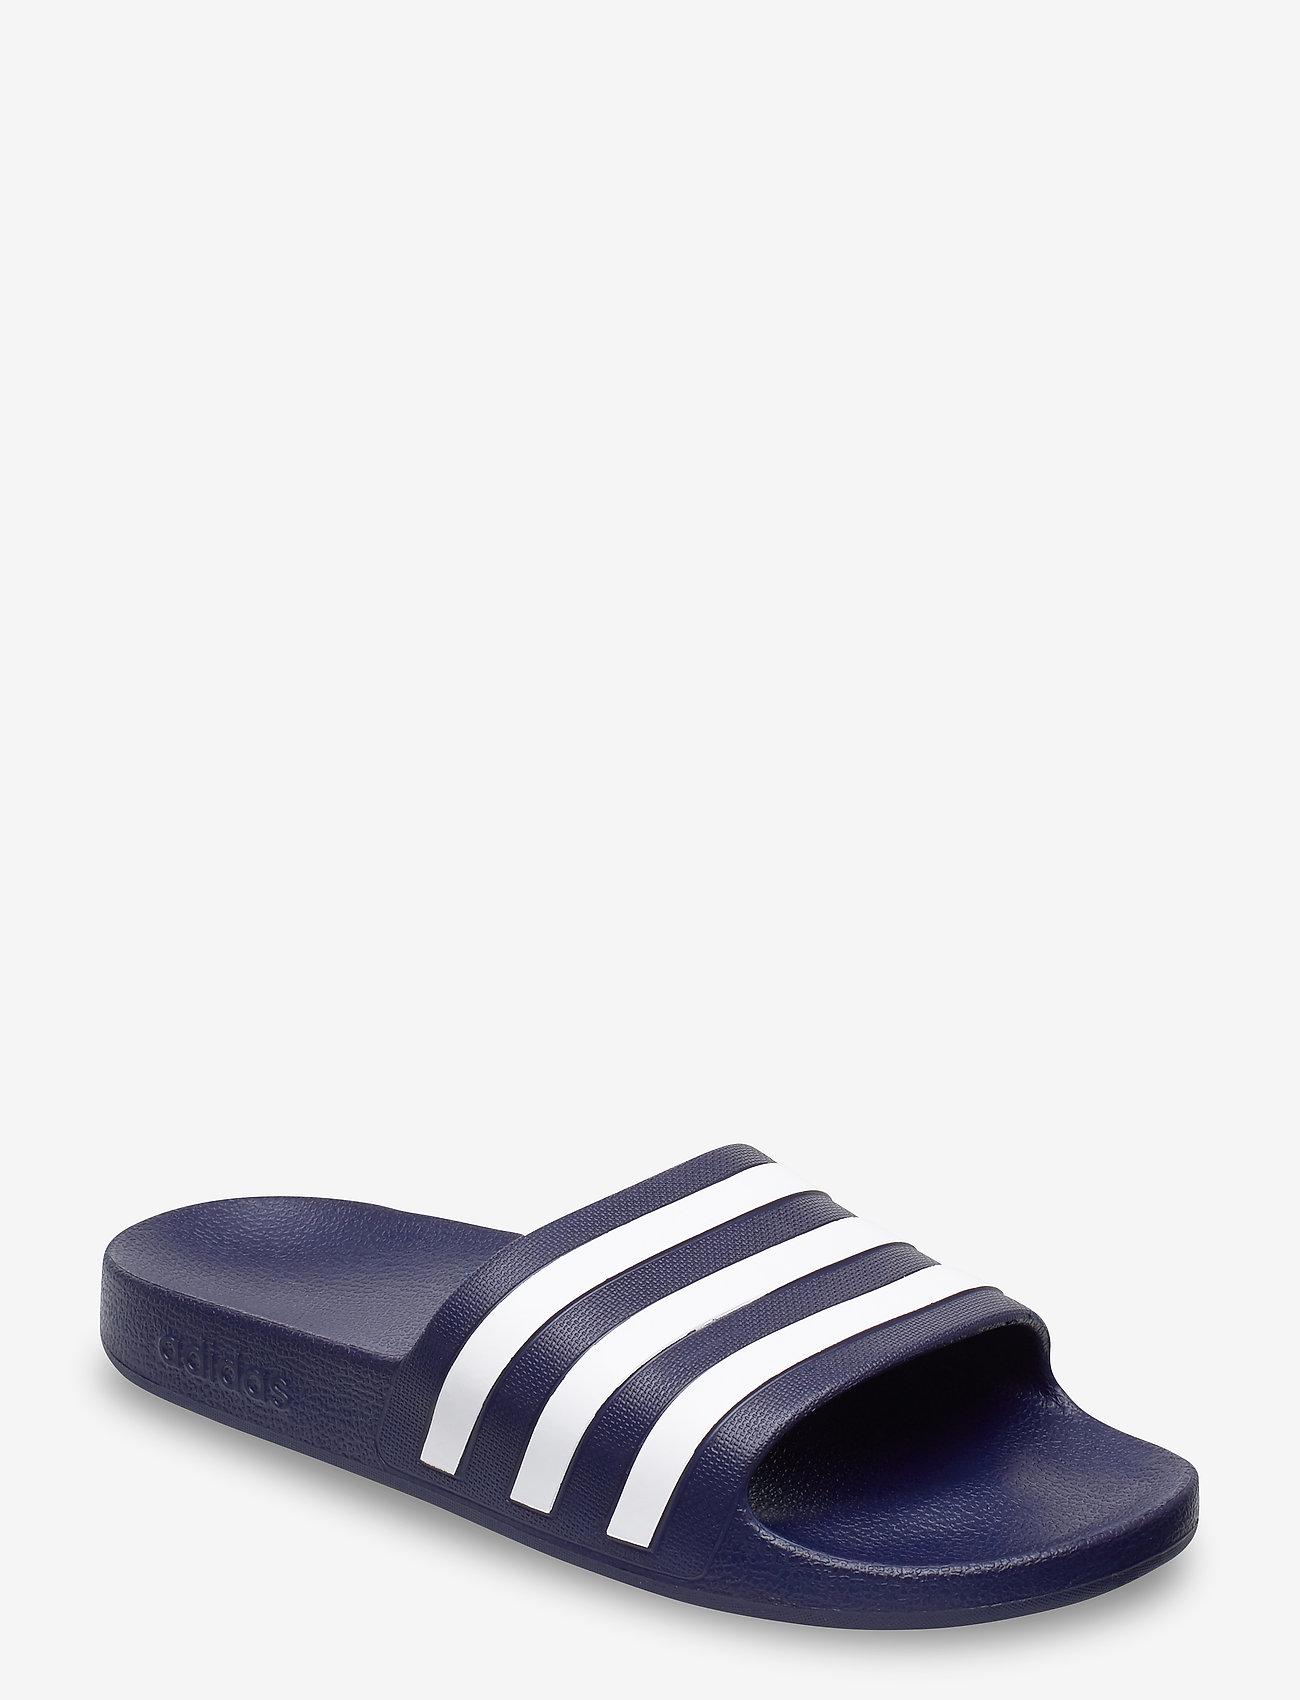 adidas Performance - ADILETTE AQUA - curseurs de piscine - dkblue/ftwwht/dkblue - 0